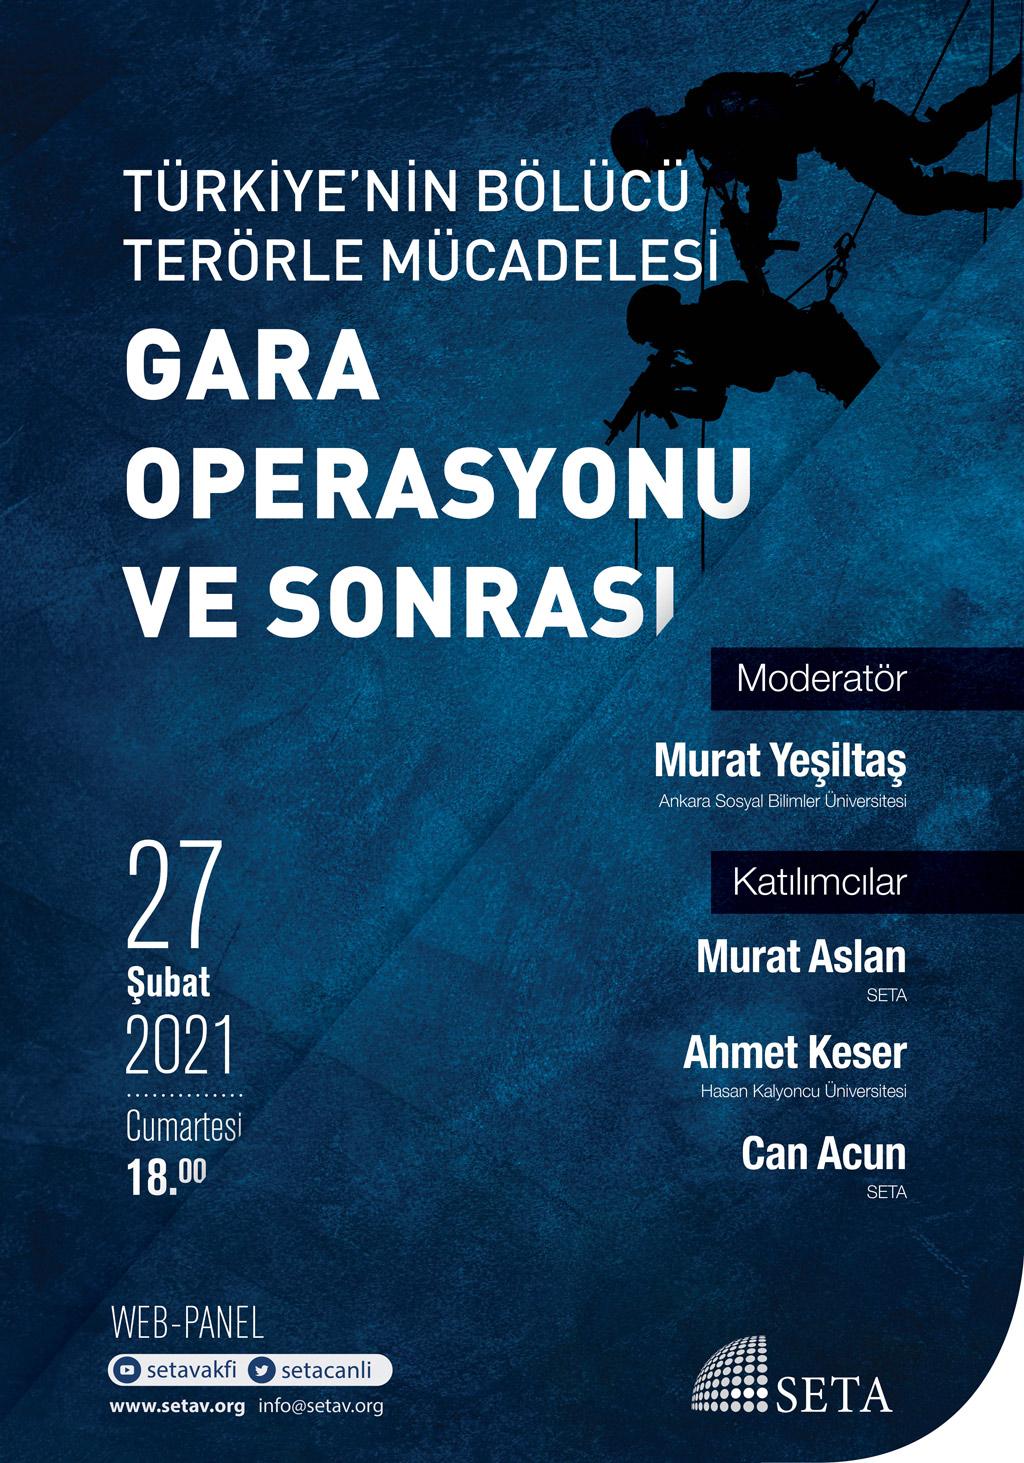 Web Panel: Türkiye'nin Bölücü Terörle Mücadelesi: Gara Operasyonu ve Sonrası